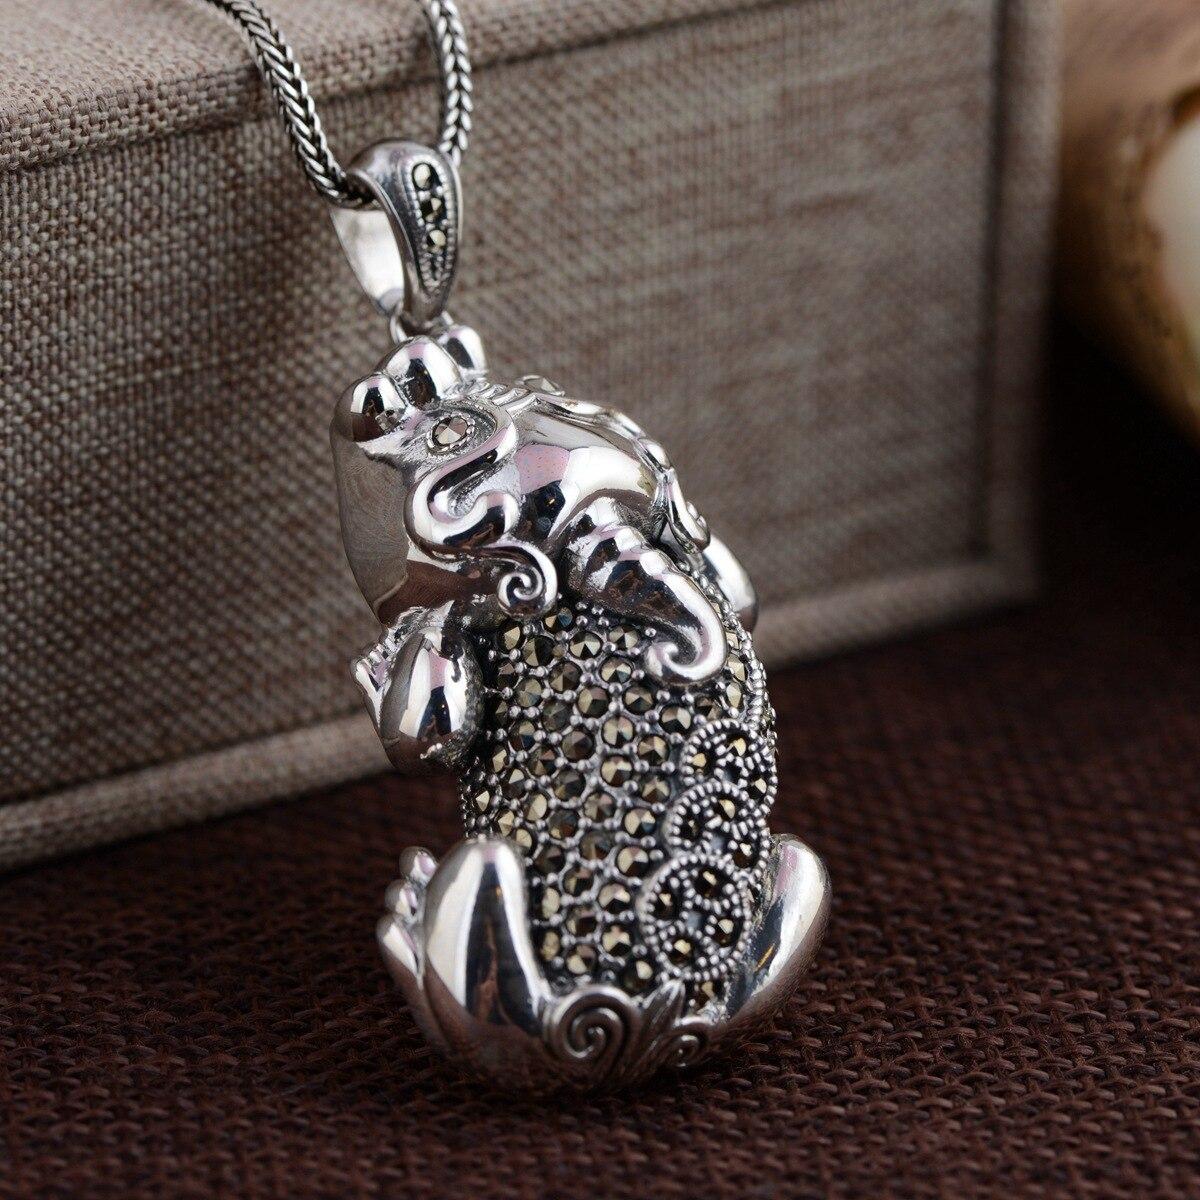 Cerf roi bijoux en gros S925 pendentif en argent Sterling incrusté artisanat antique Marcasite danse chanceuse